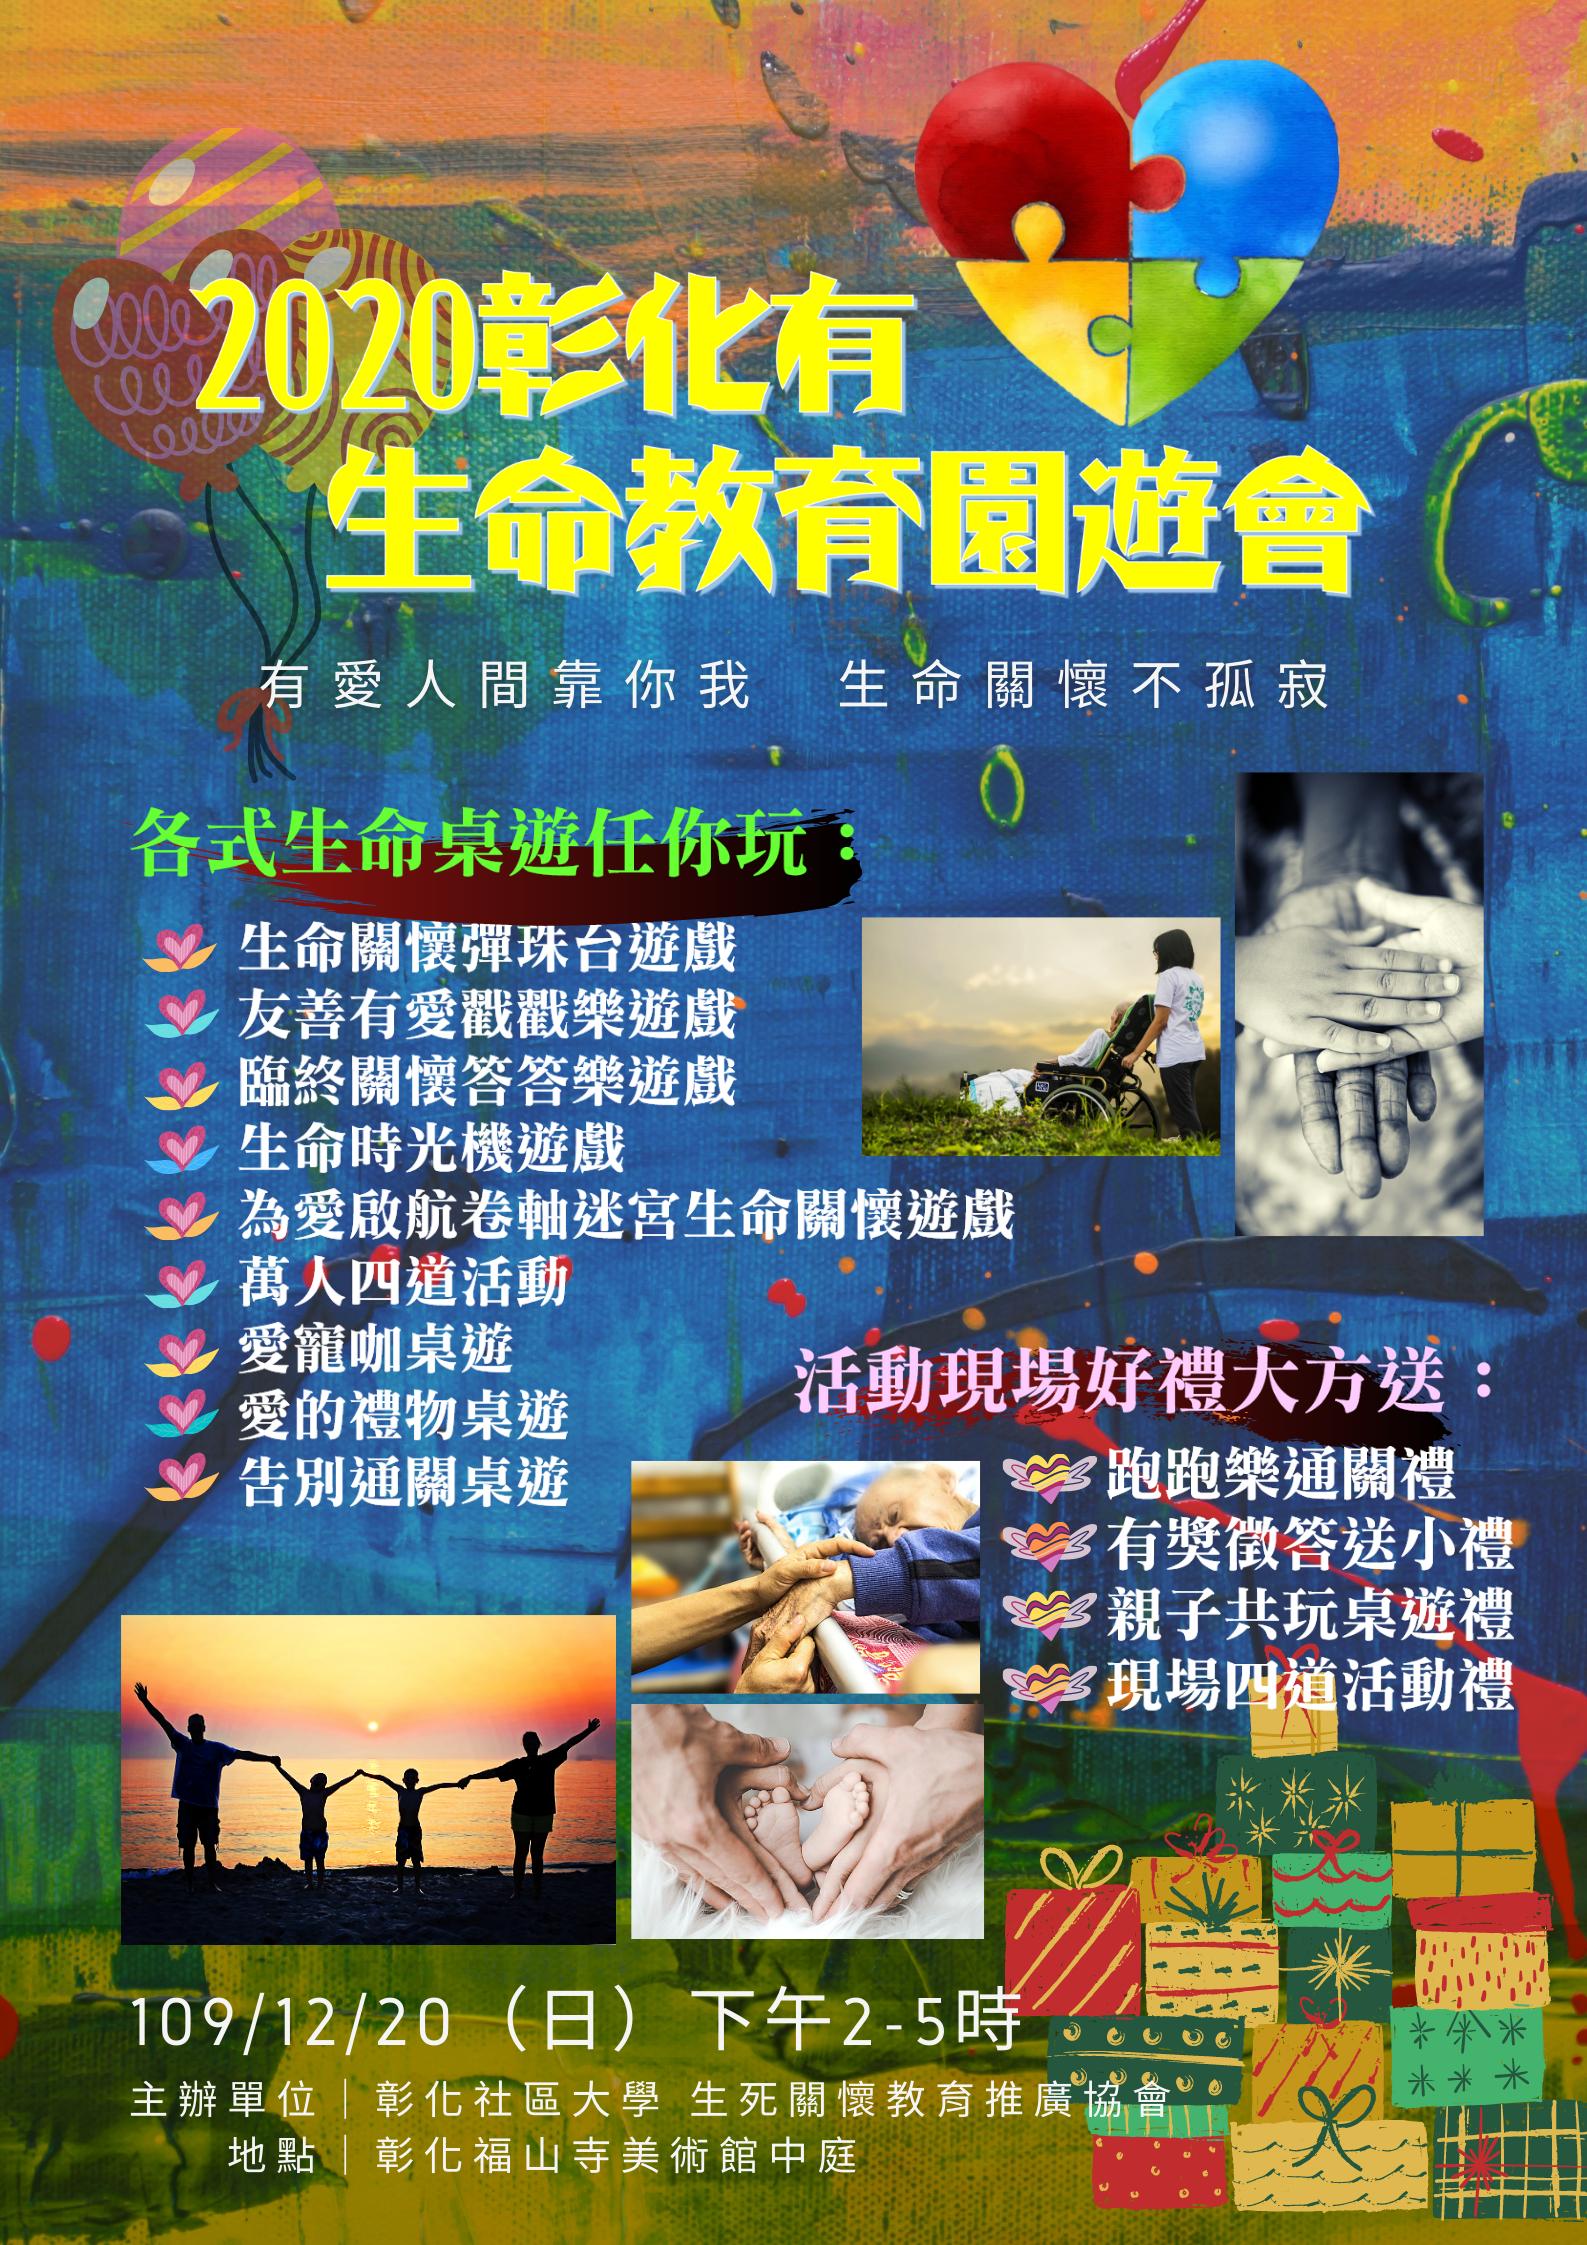 「2020彰化有愛 生命教育園遊會」